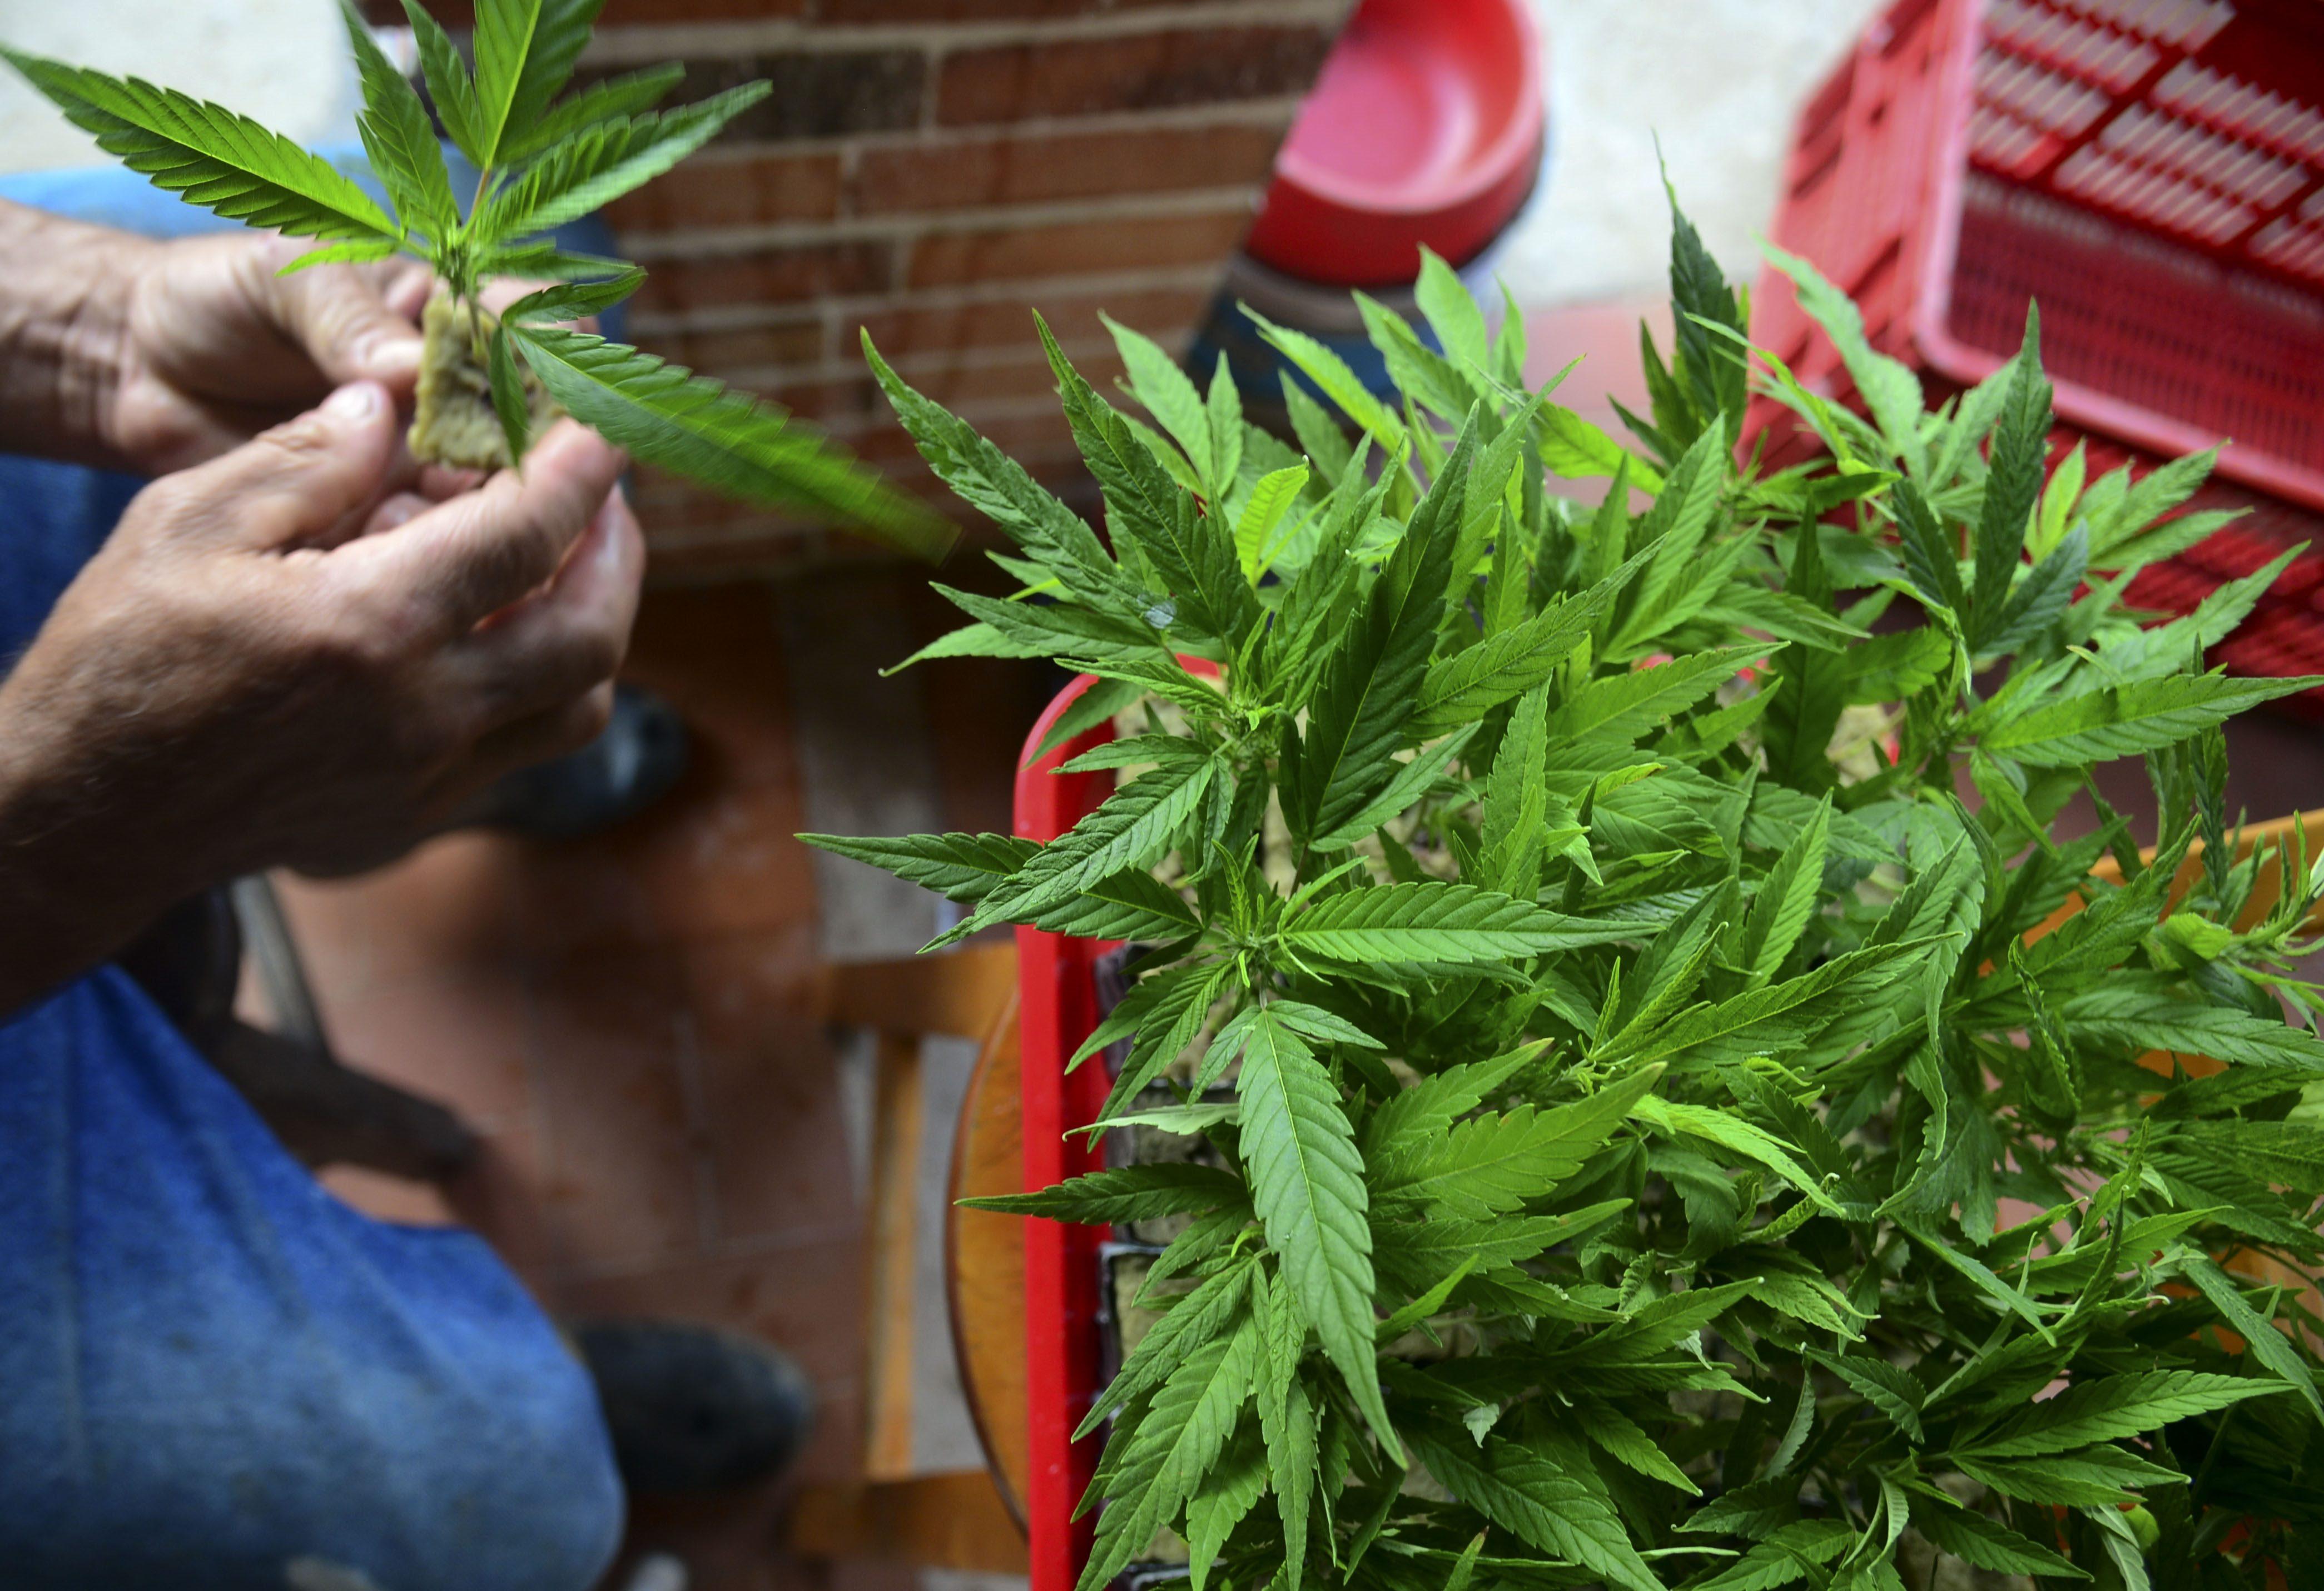 Az ENSZ raportőre szerint a kábítószer-fogyasztás büntetése sérti az egészséges élethez való jogot